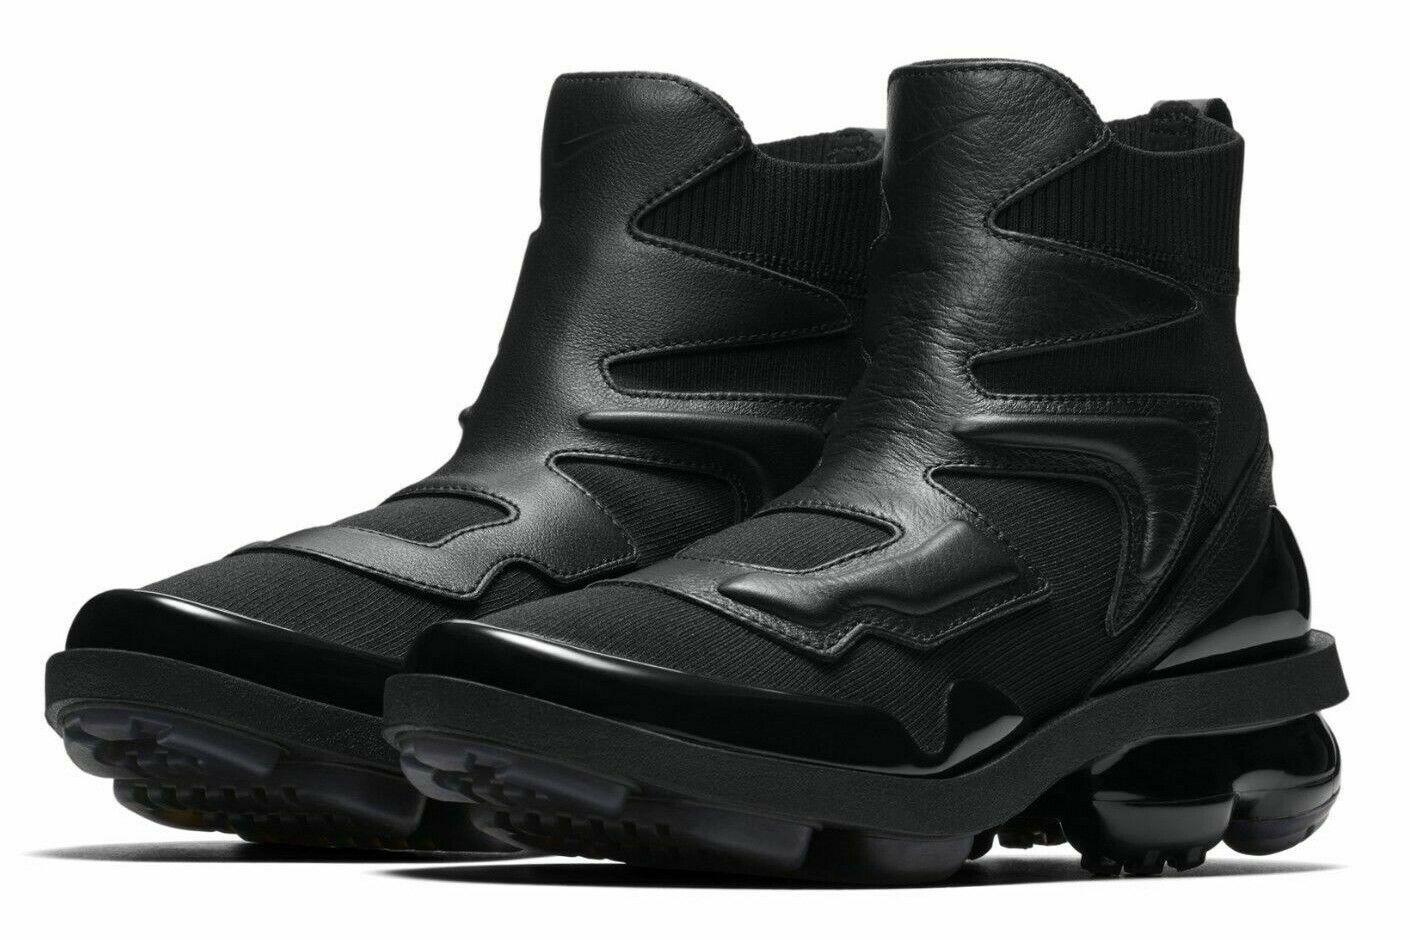 Women's Nike Vapormax Light II shoes -Black -Size 8.5 -AO4537 001 New